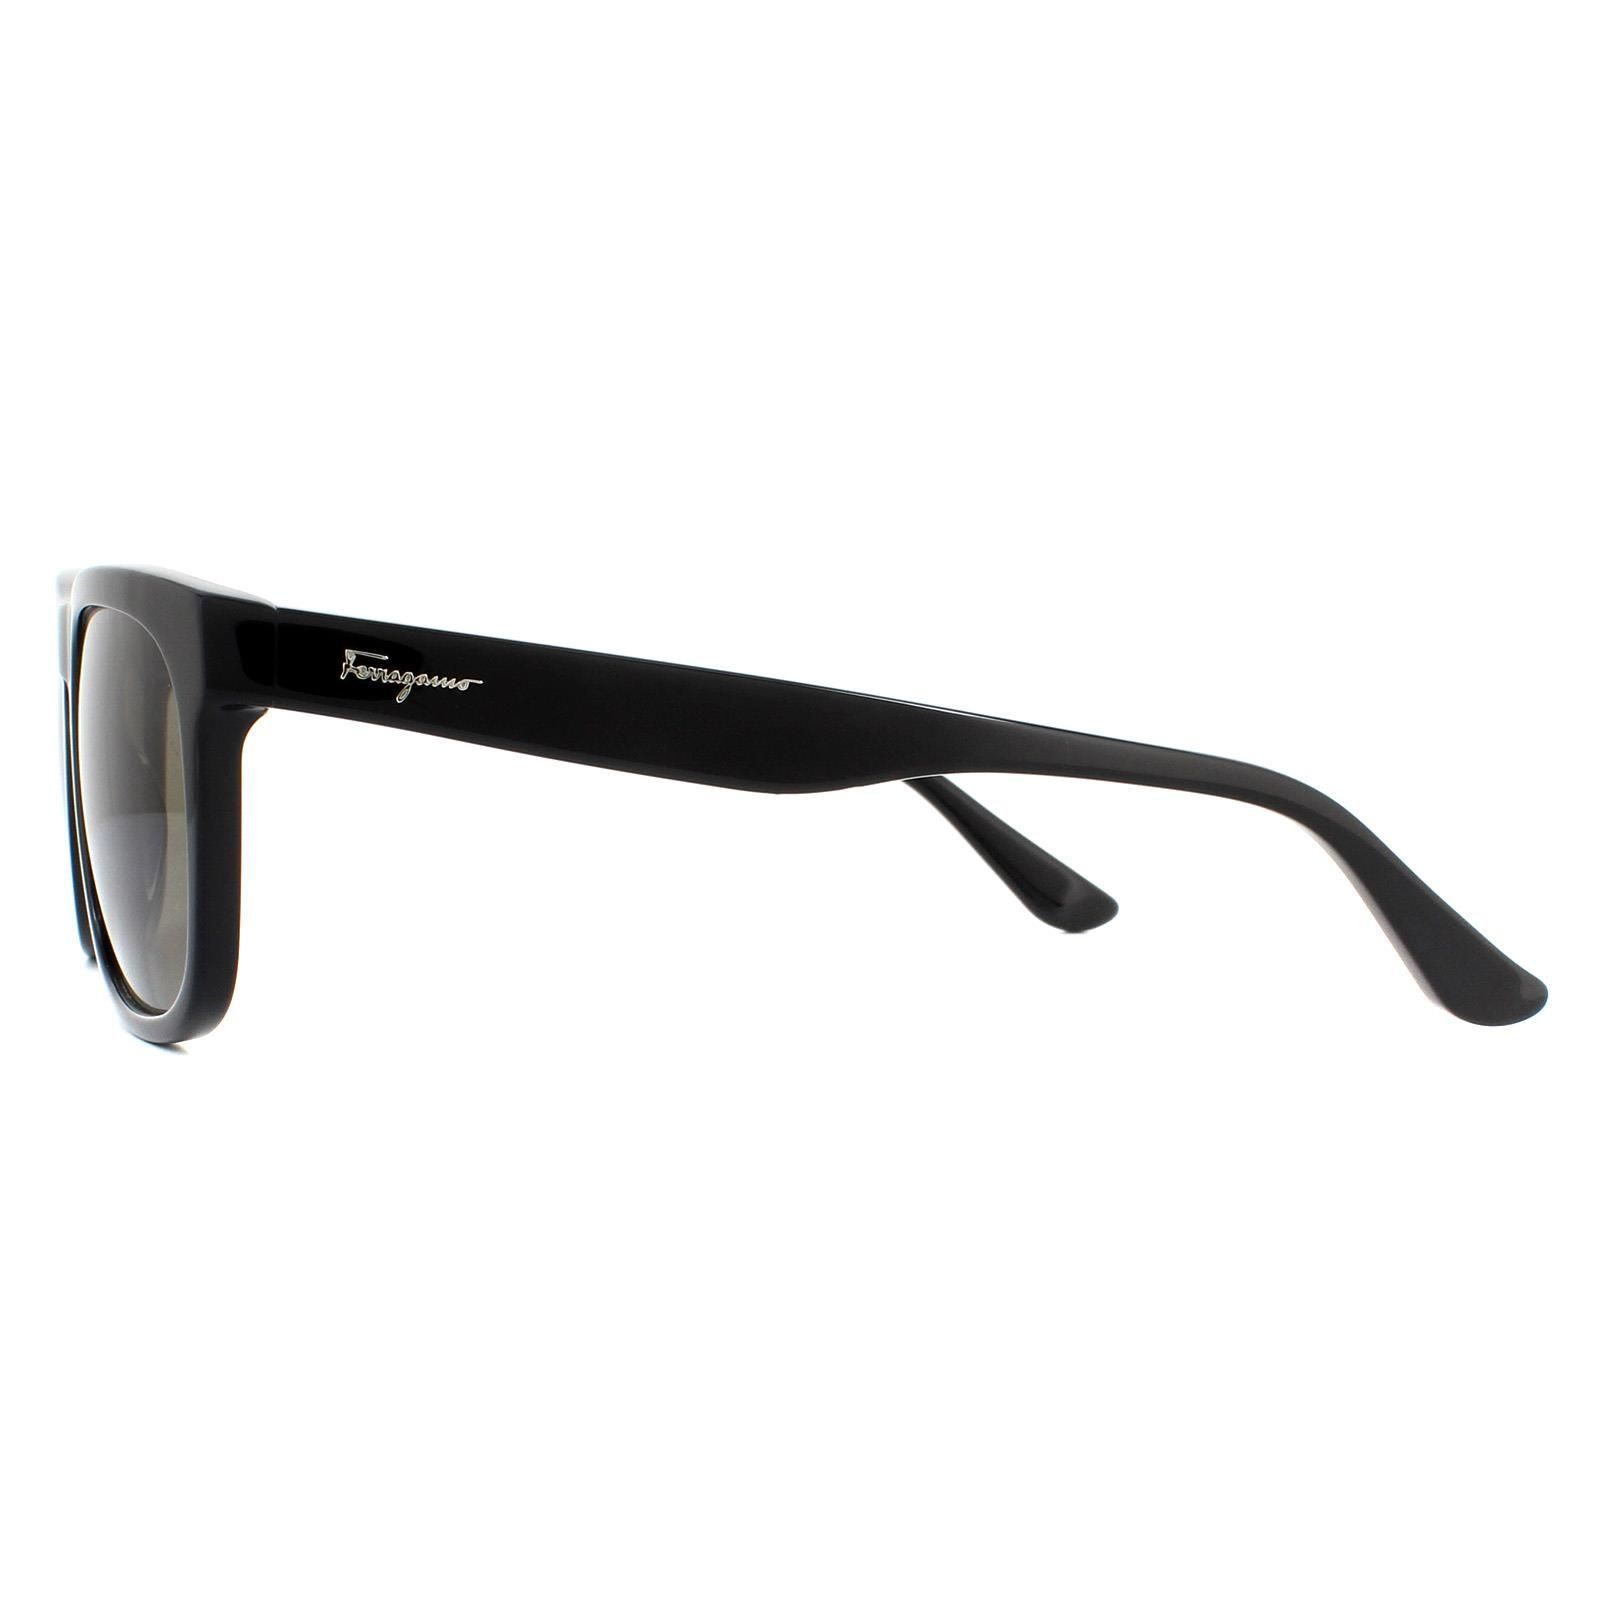 Salvatore Ferragamo Sunglasses SF776S 001 Black Grey